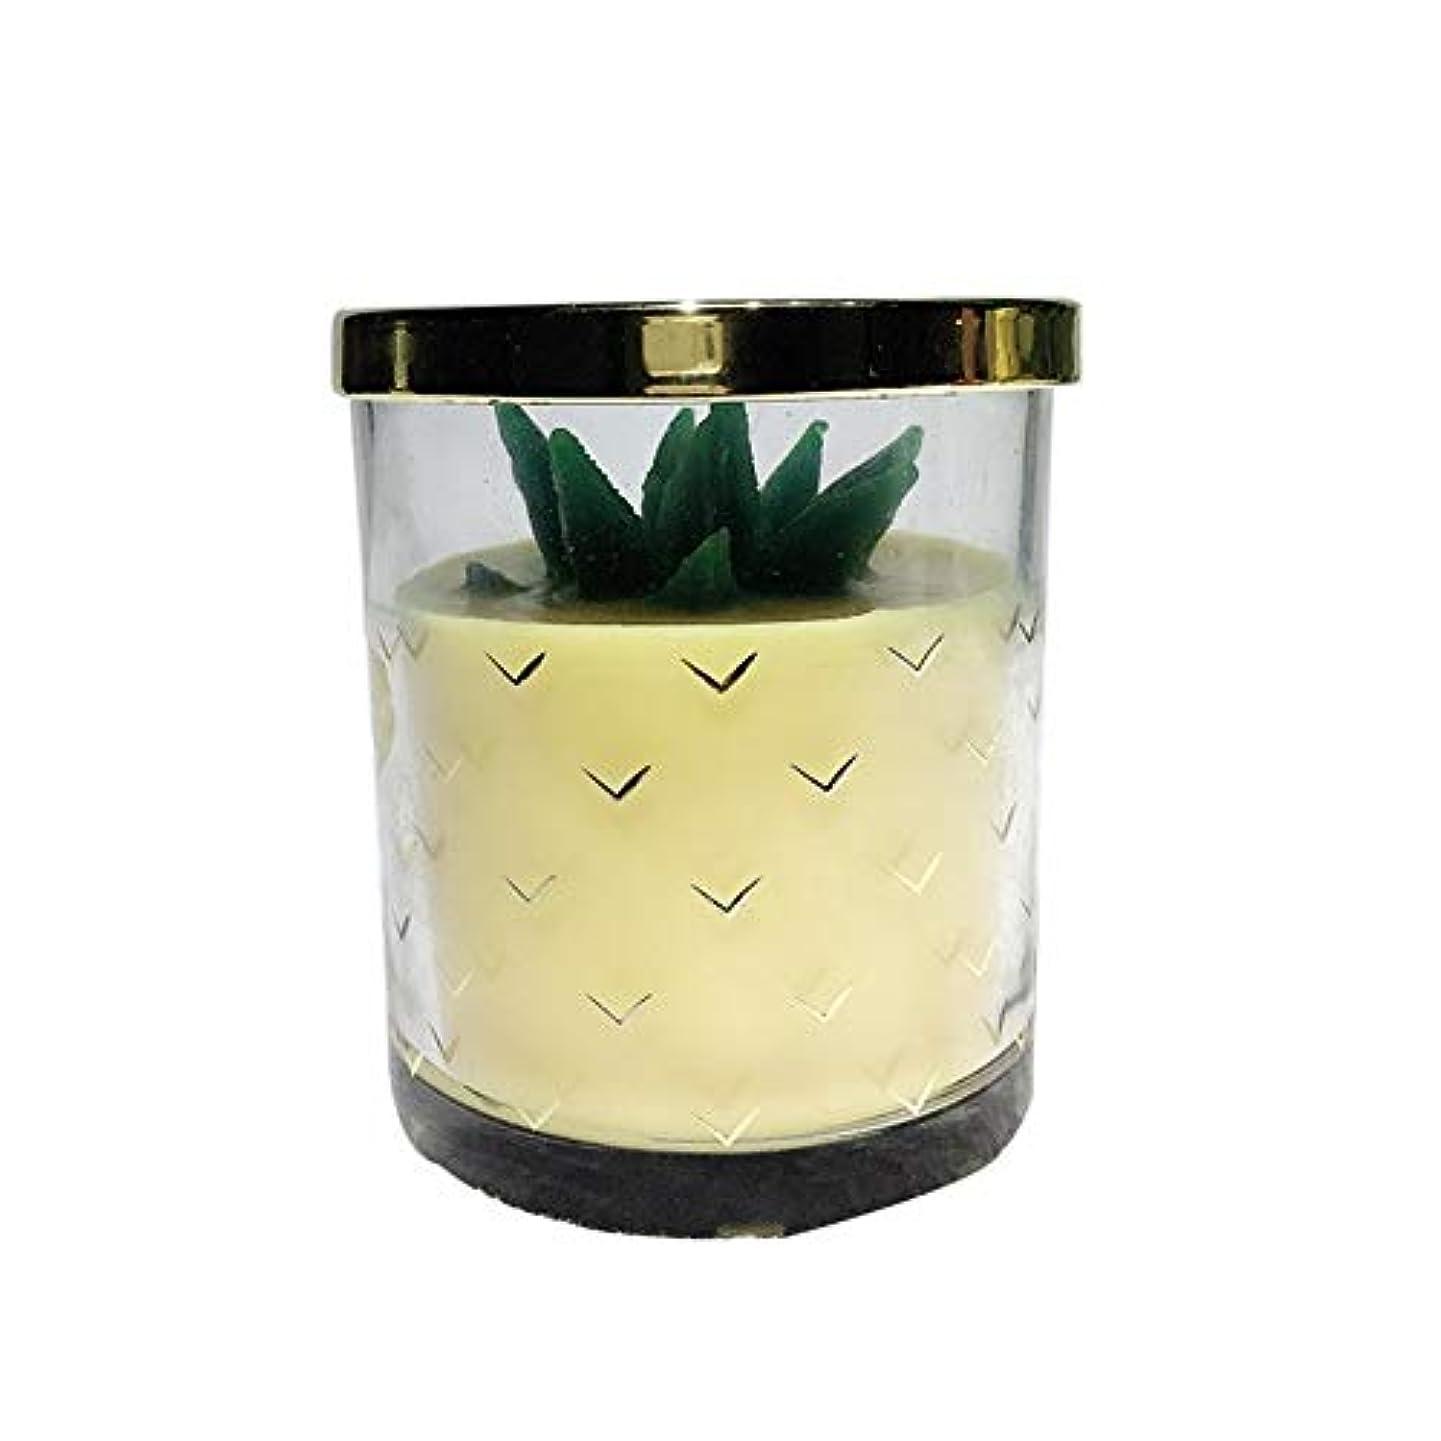 キャンバス敬礼制限Guomao 大豆ワックスフルーツキャンドルバレンタインデークリエイティブギフト (色 : Pineapple)